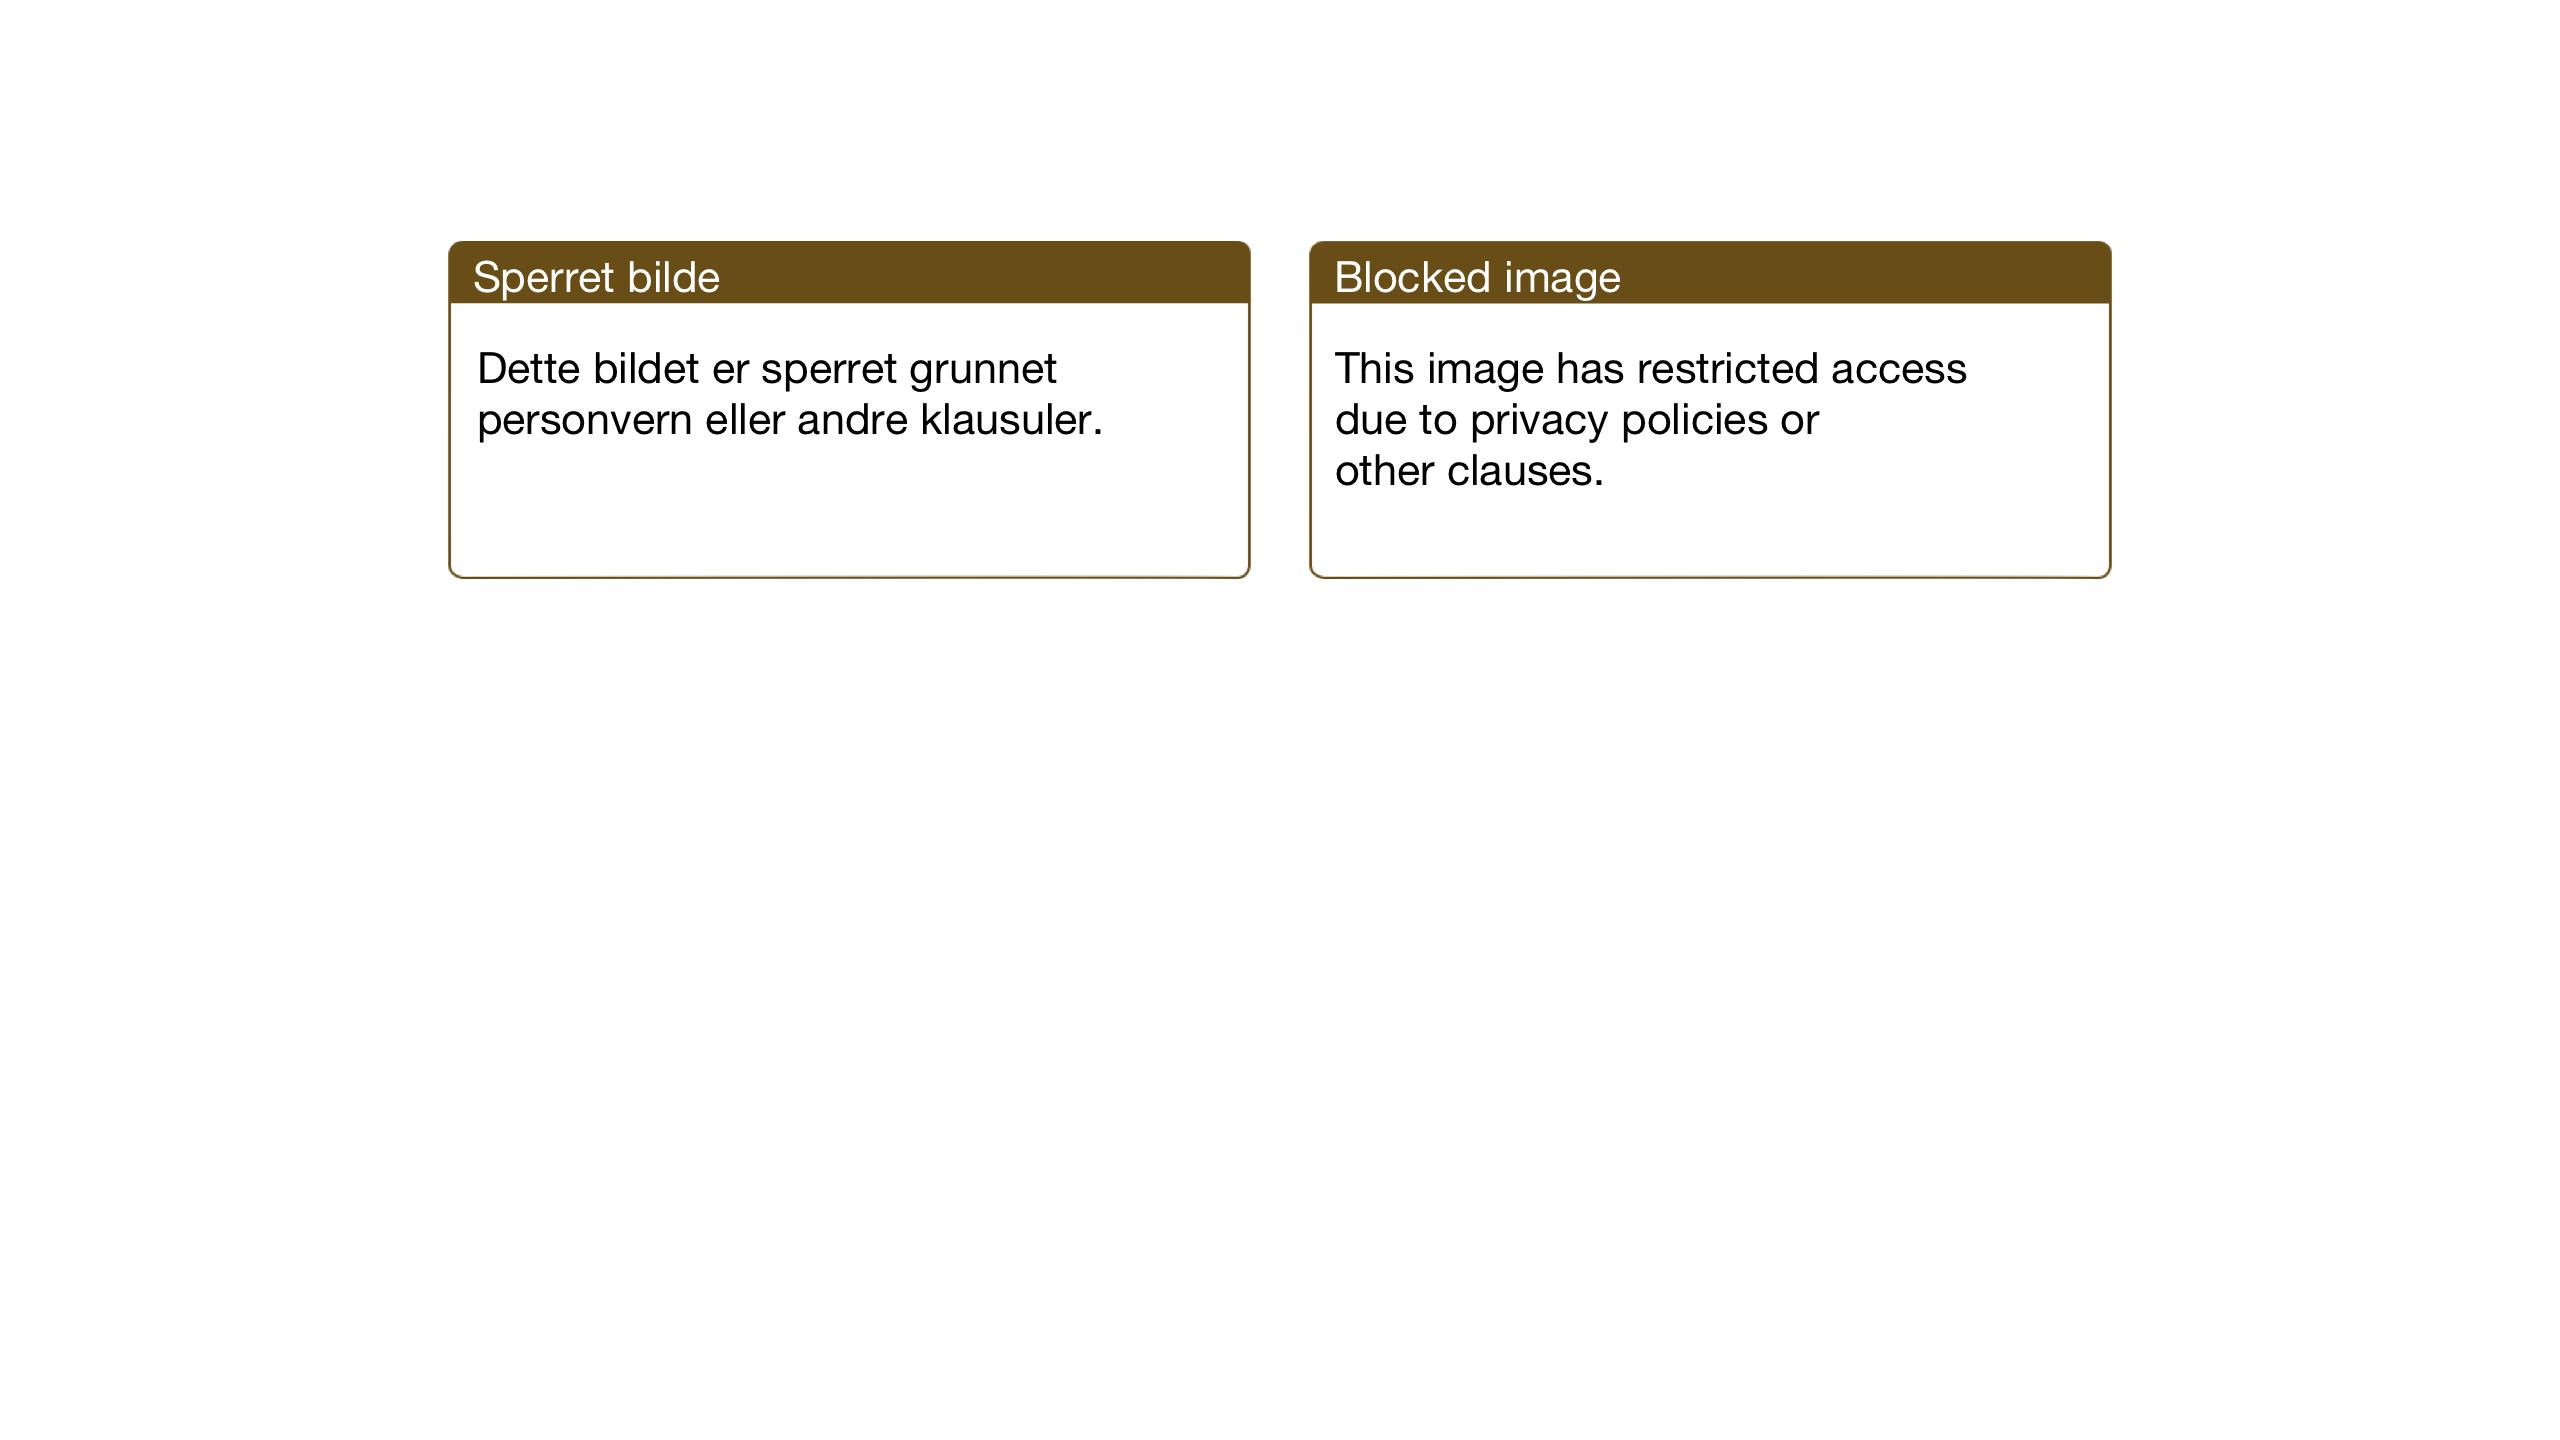 SAT, Ministerialprotokoller, klokkerbøker og fødselsregistre - Sør-Trøndelag, 633/L0521: Klokkerbok nr. 633C03, 1921-1941, s. 37